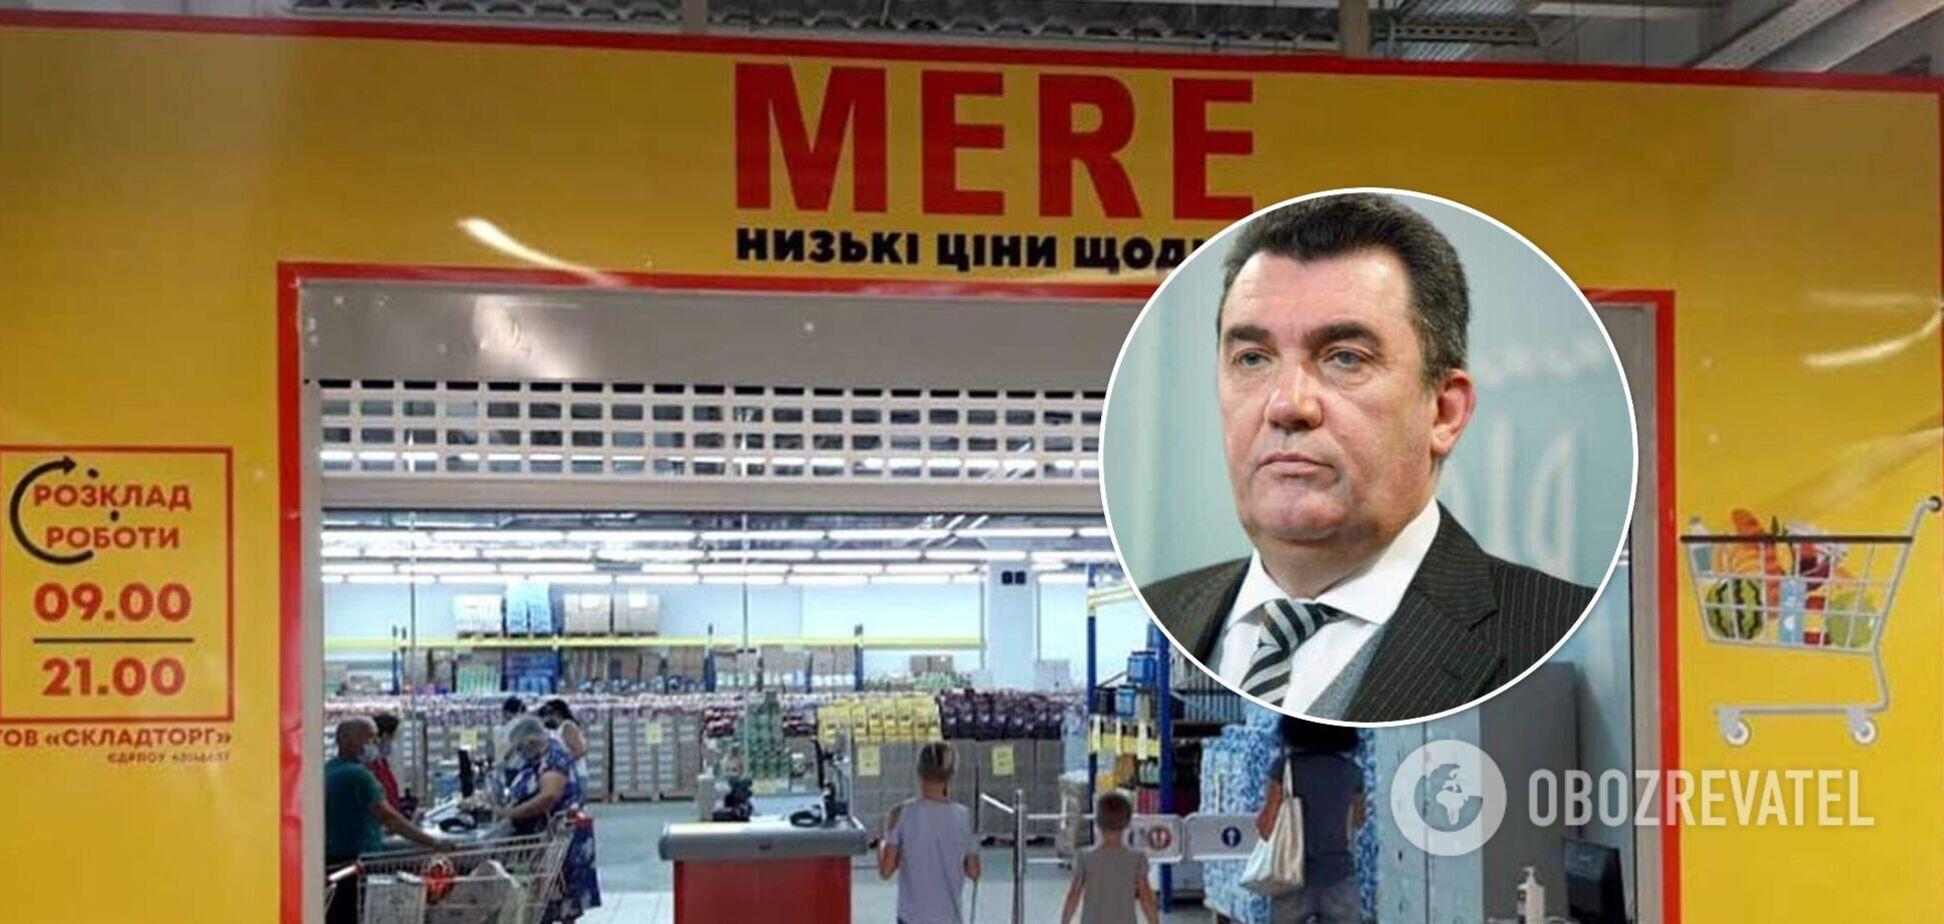 Данилов – о российской сети Mere в Украине: больше работать не будет